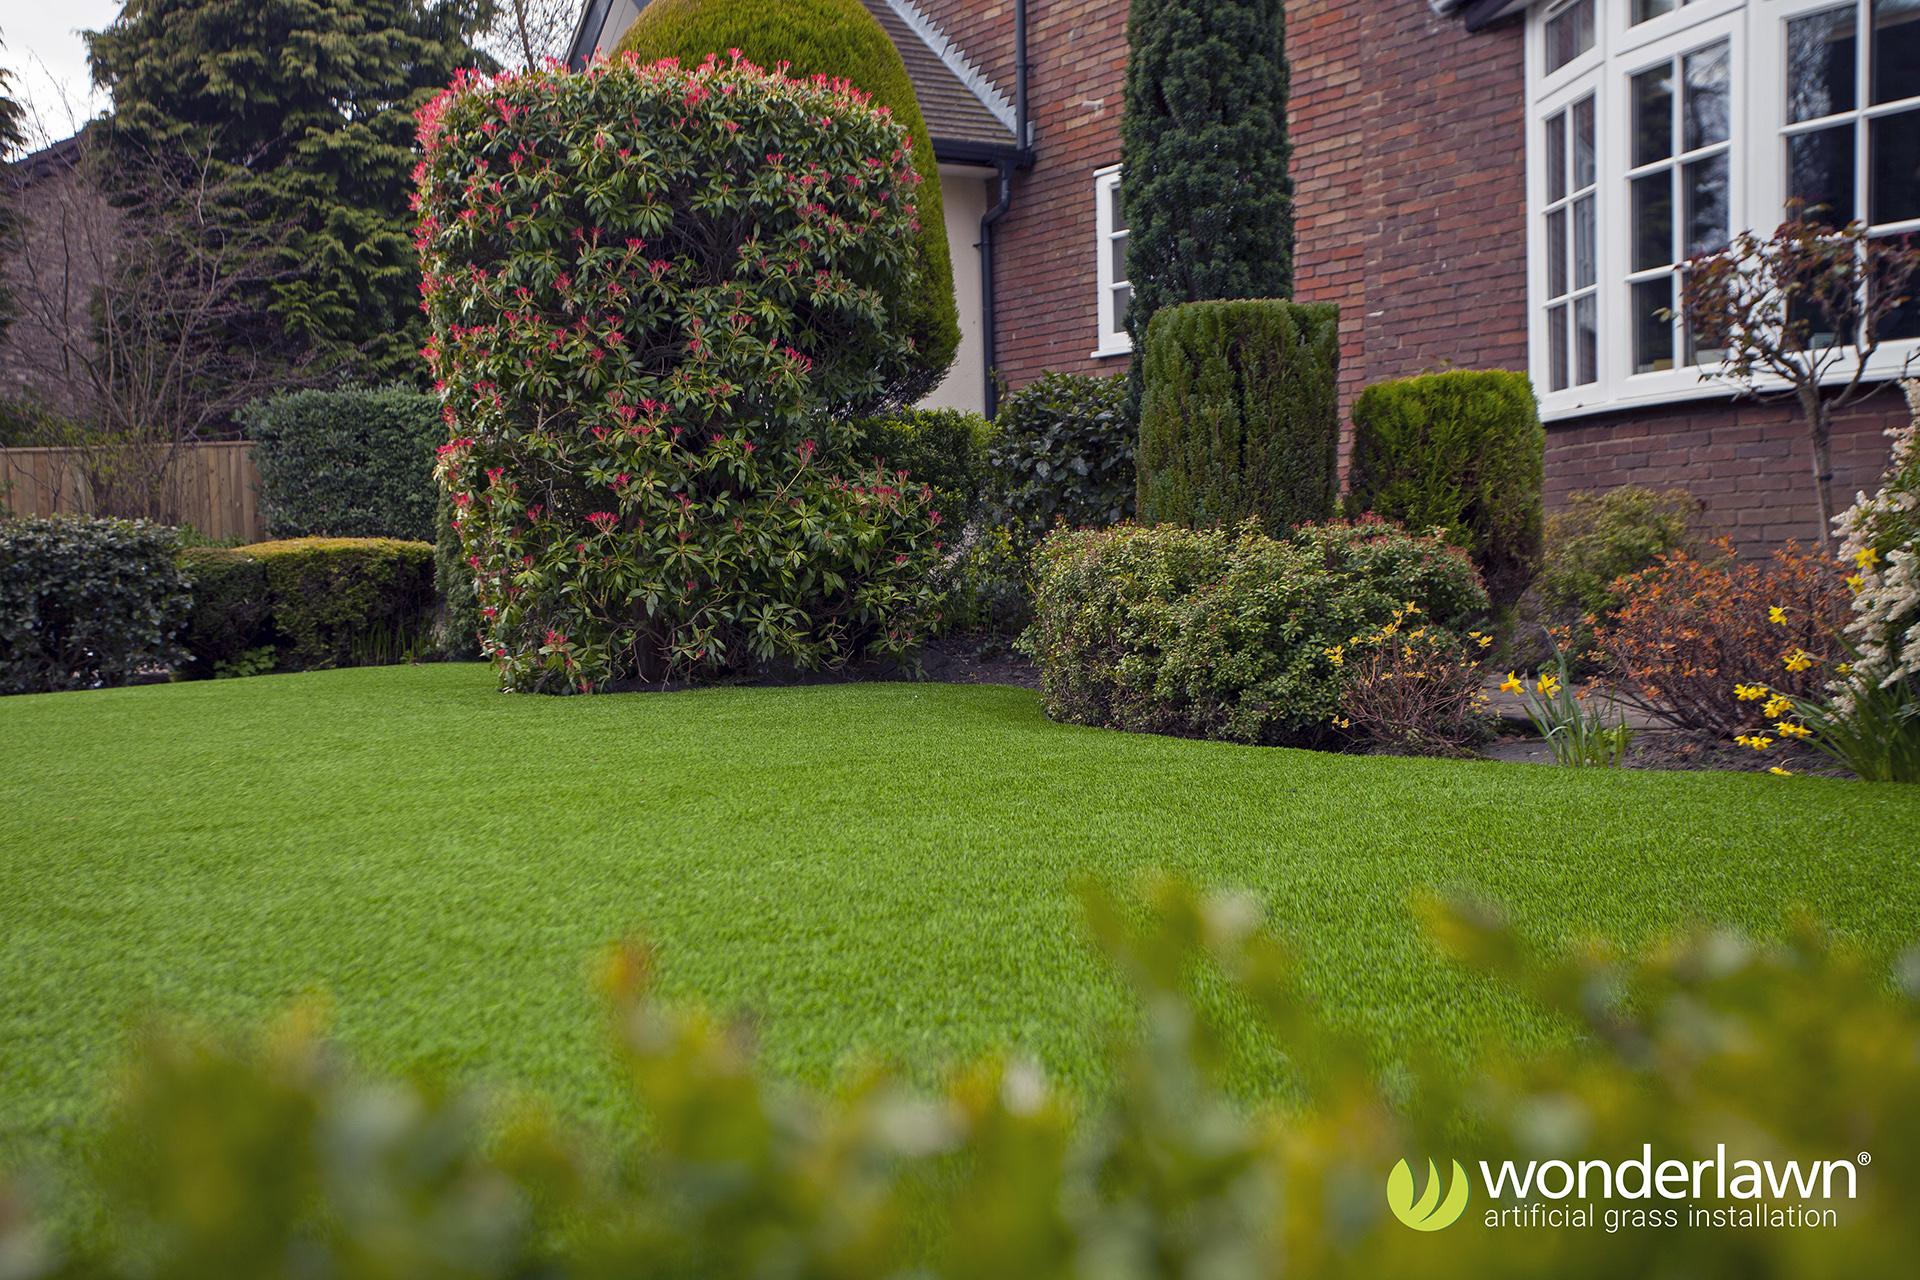 An artificial grass franchise